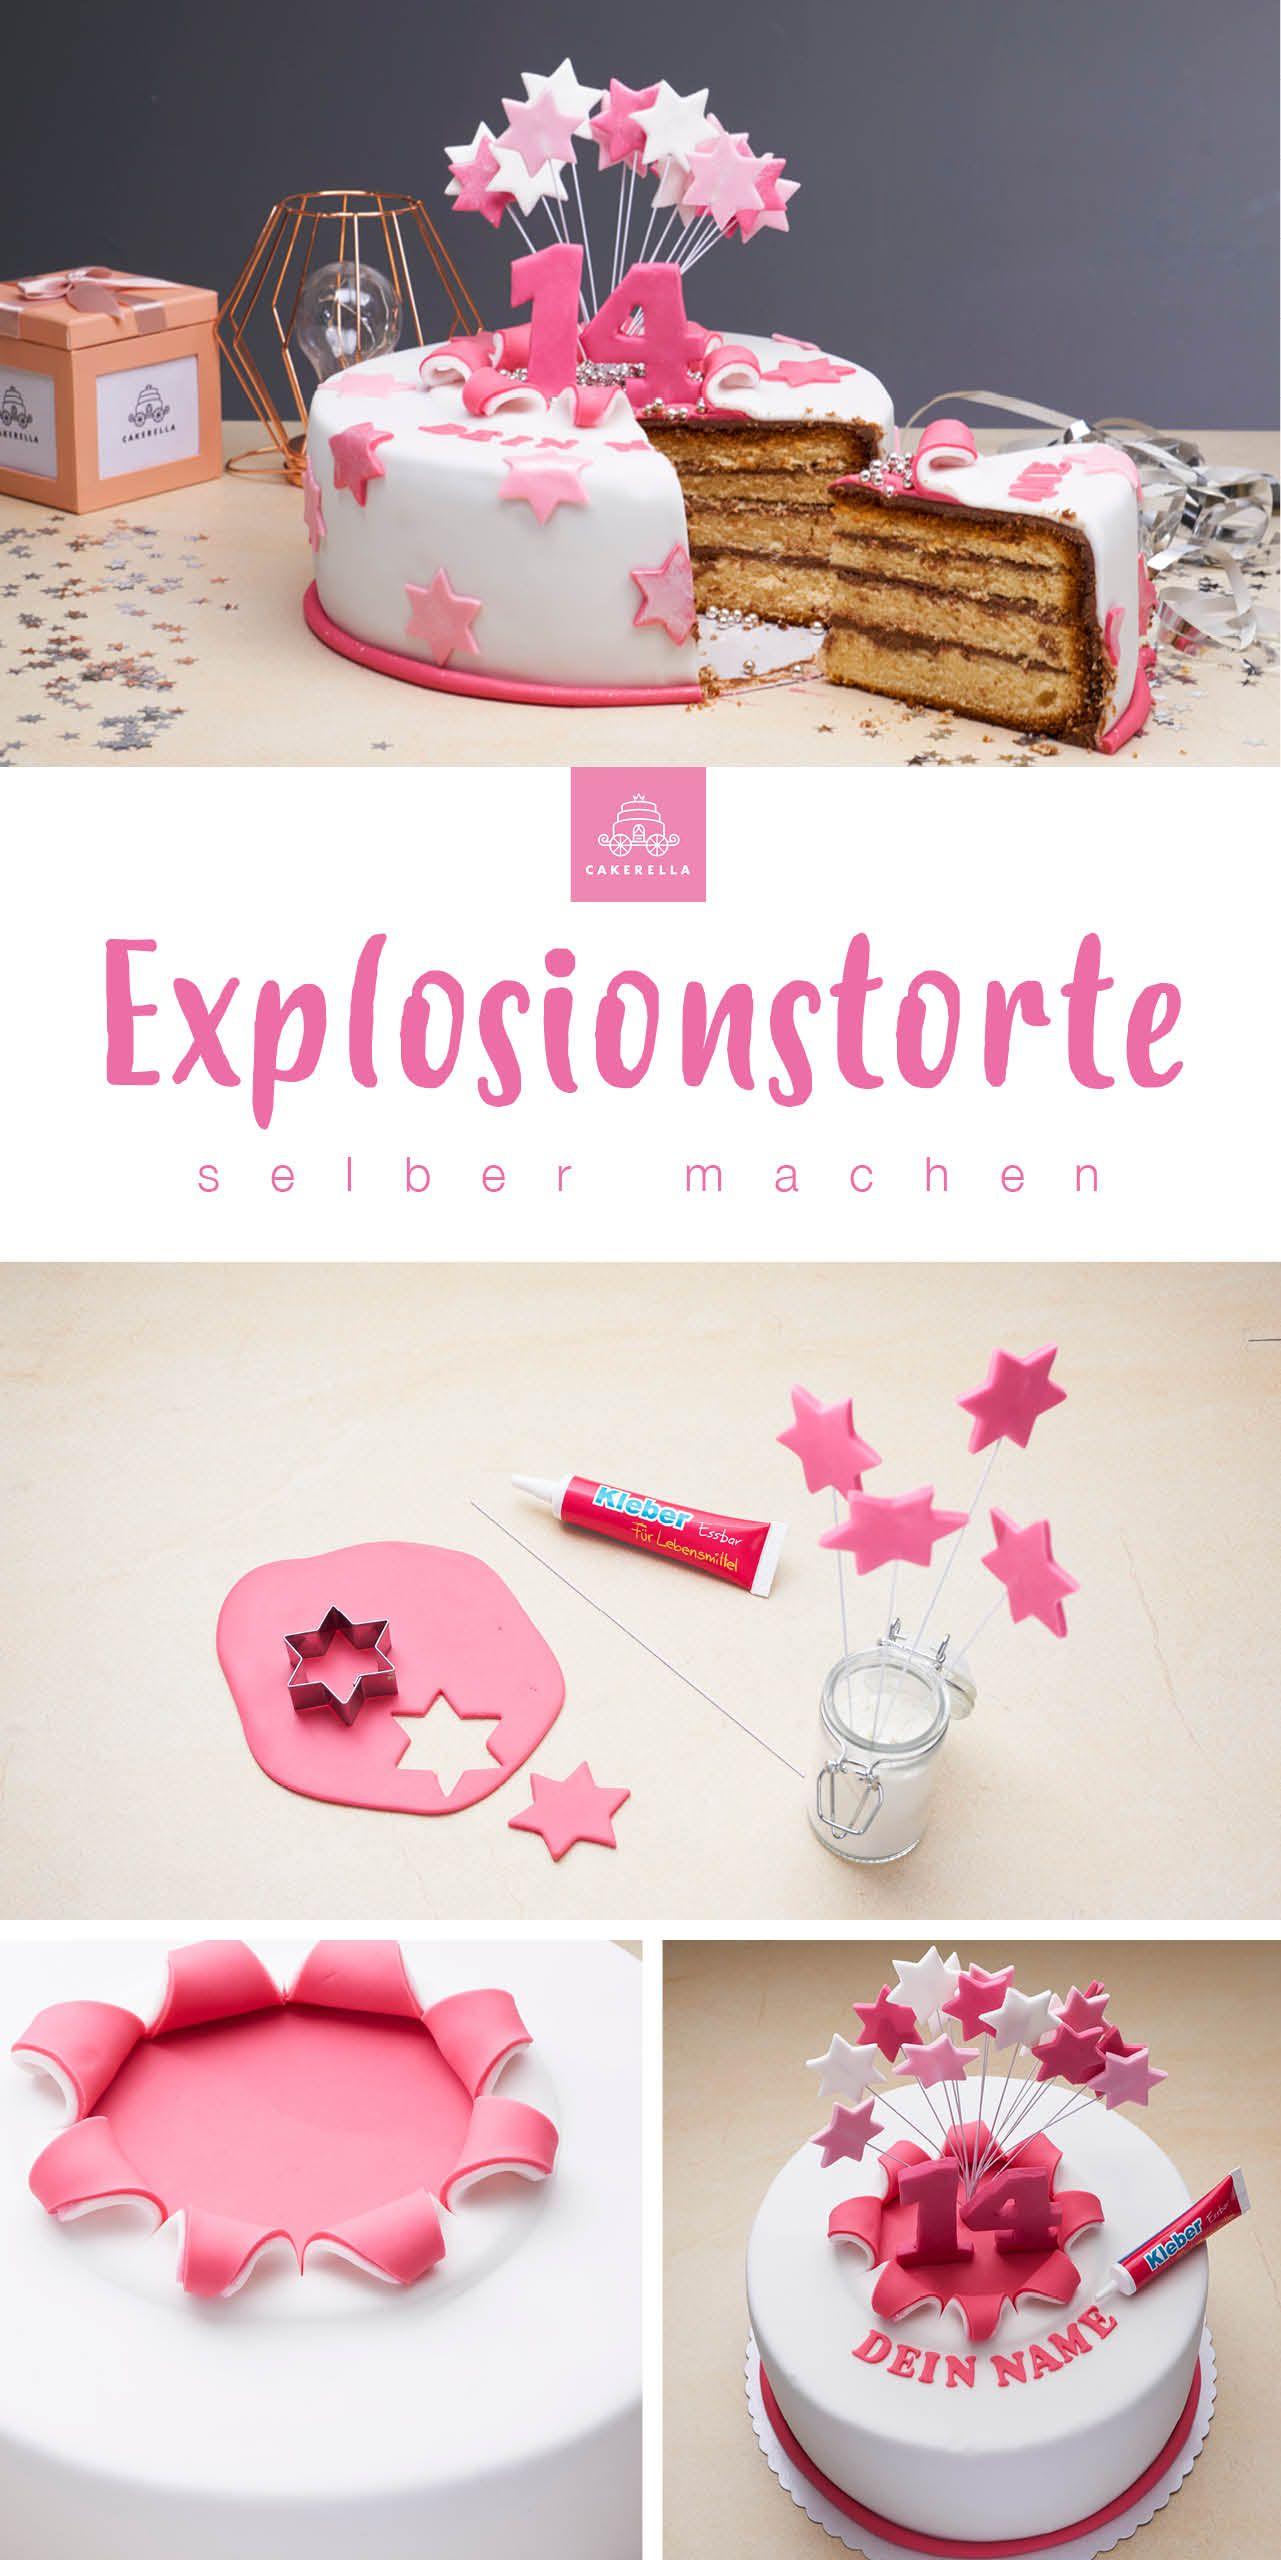 Die Explosionstorte zum selbermachen mit dem Backset von Cakerella. Jetzt Lieblingsbackset auf 'www.cakerella.de' aussuchen, Backbox schicken lassen, Backen & Dekorieren. #cakerella #diy #doityourself #selbermachen #backset #backbox #torte #motivtorte #fondanttorte #fondant #selbermachen #backen #explosiv #explosionstorte #tortegeburtstag